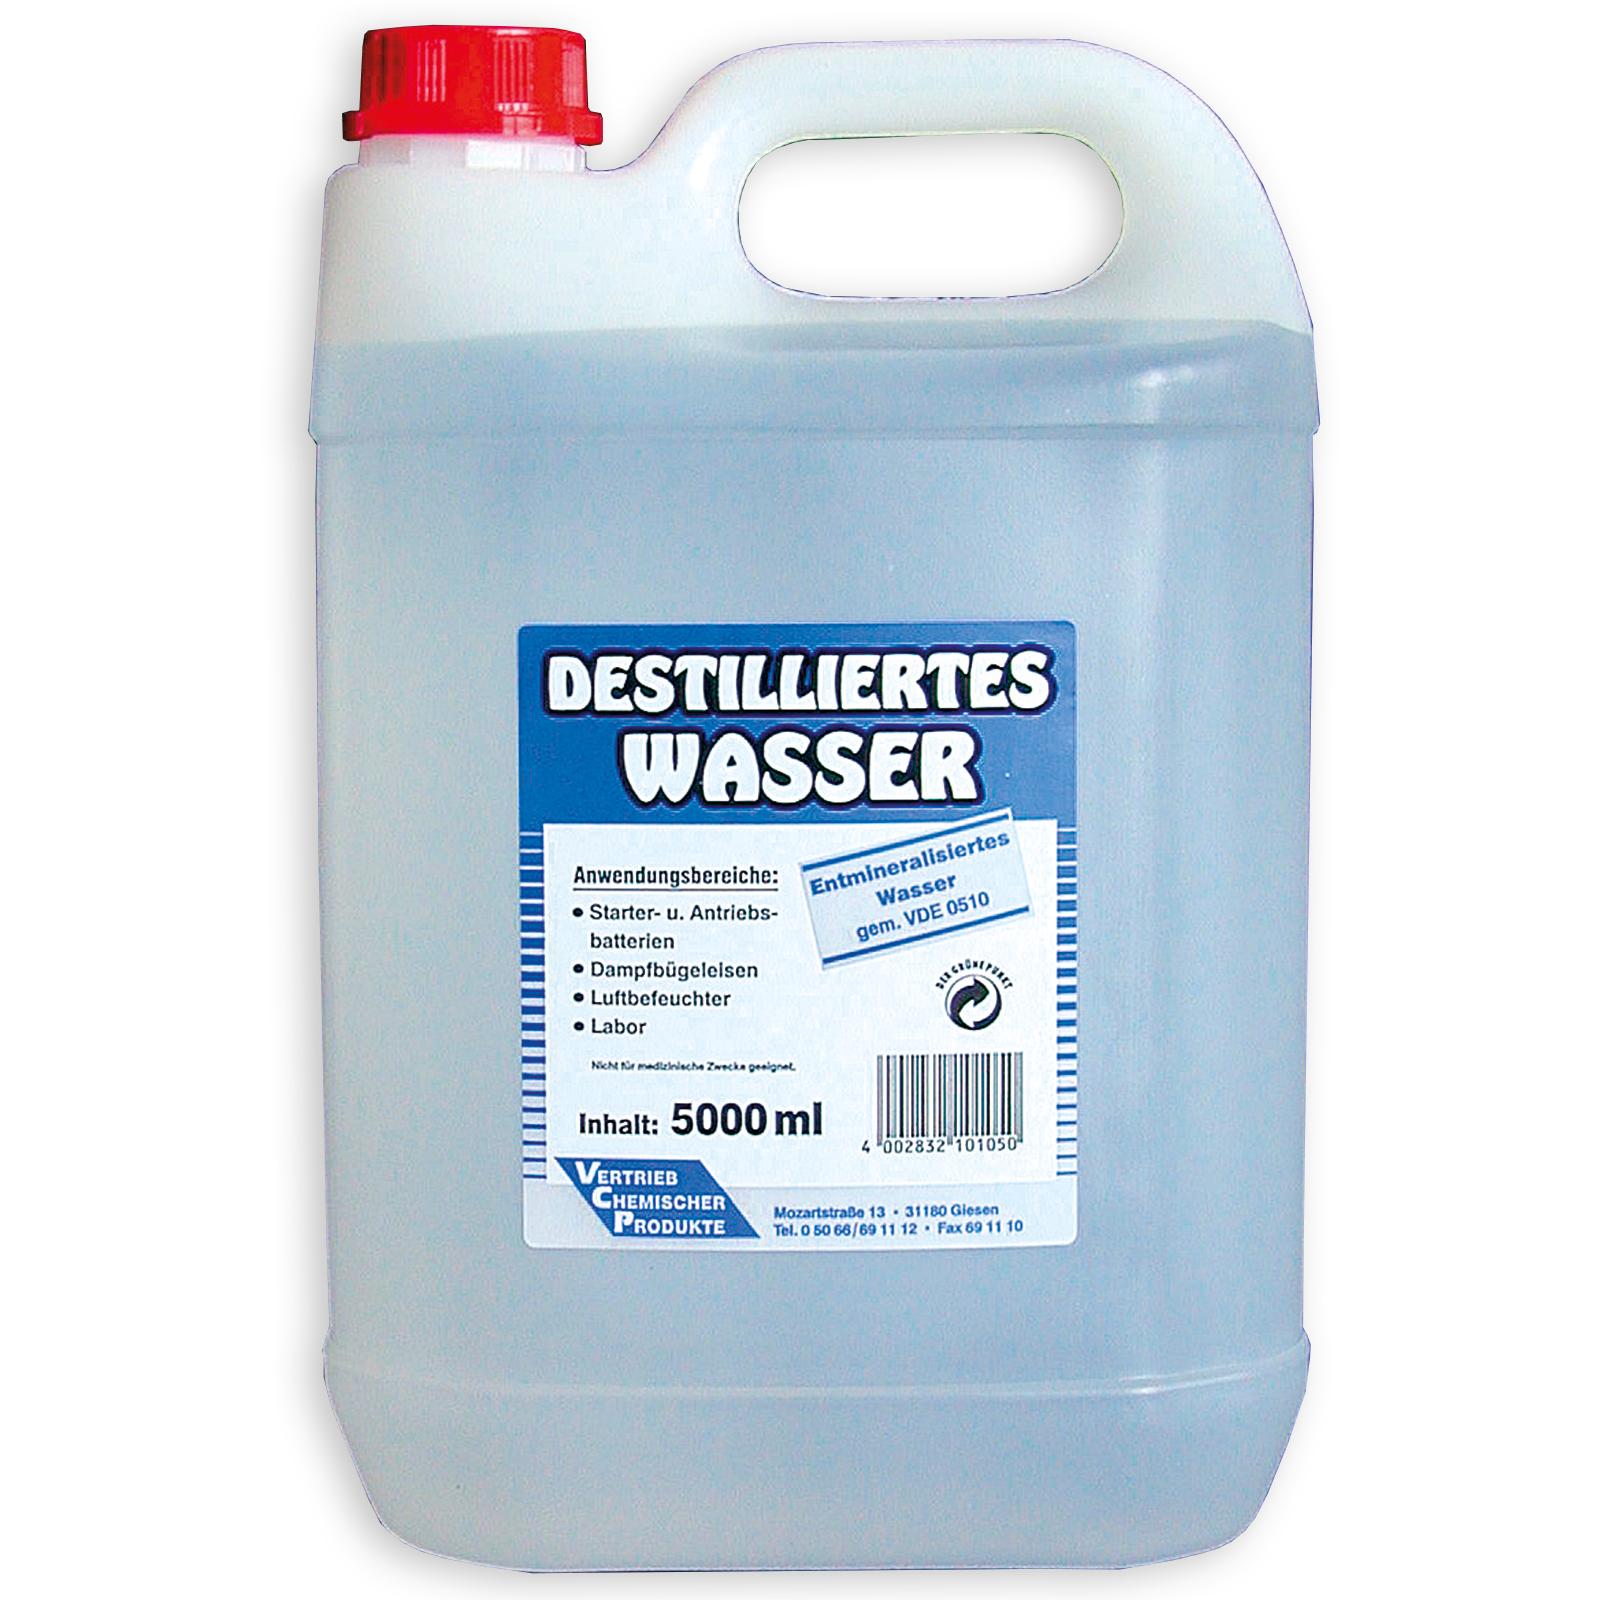 Was Ist Destilliertes Wasser : destilliertes wasser 5 liter entmineralisiert online ~ A.2002-acura-tl-radio.info Haus und Dekorationen